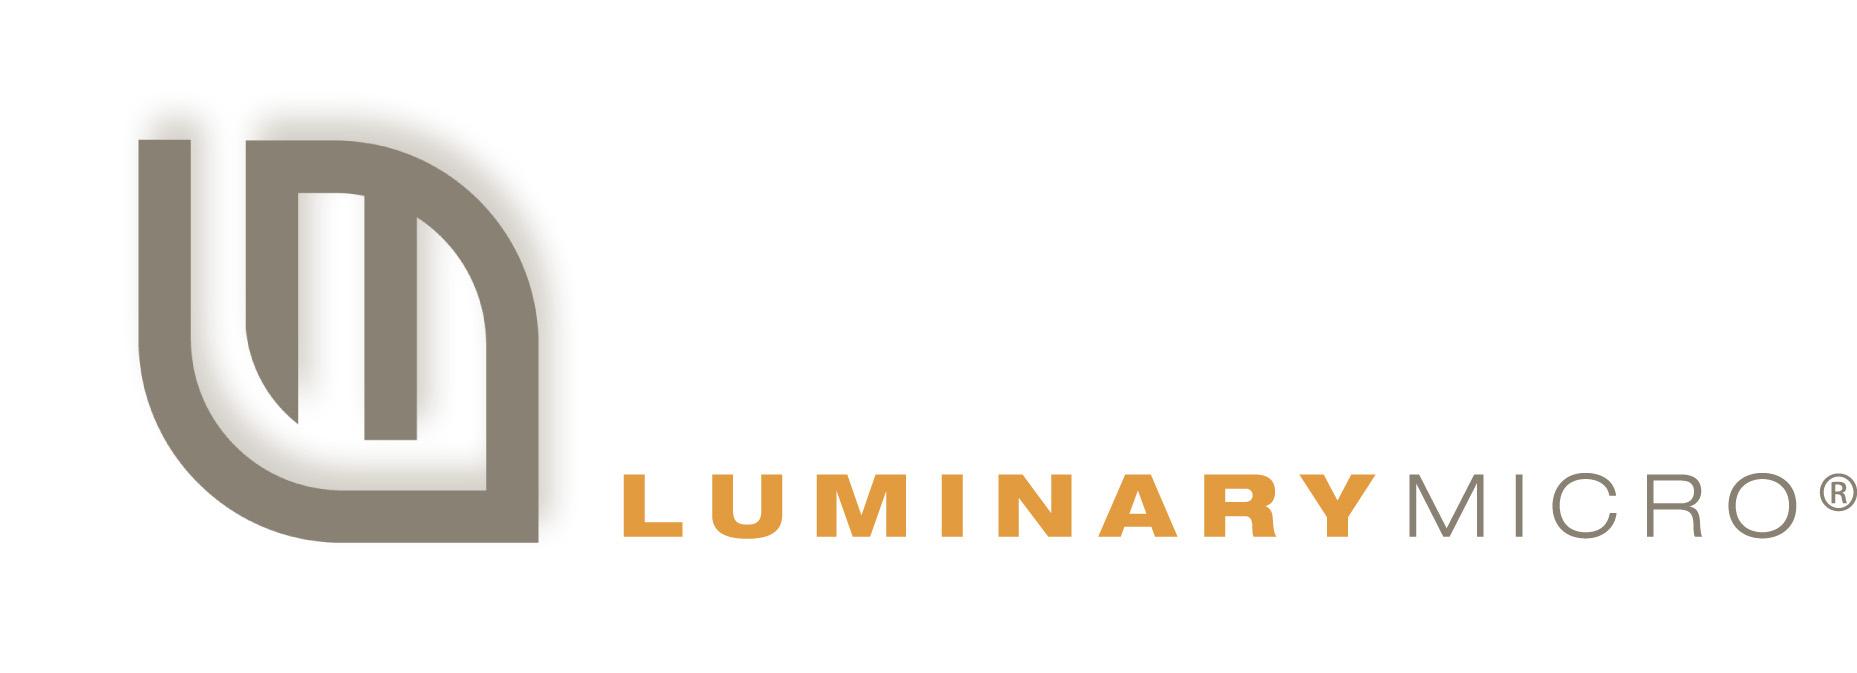 Luminary Micro - новый производитель микроконтроллеров.